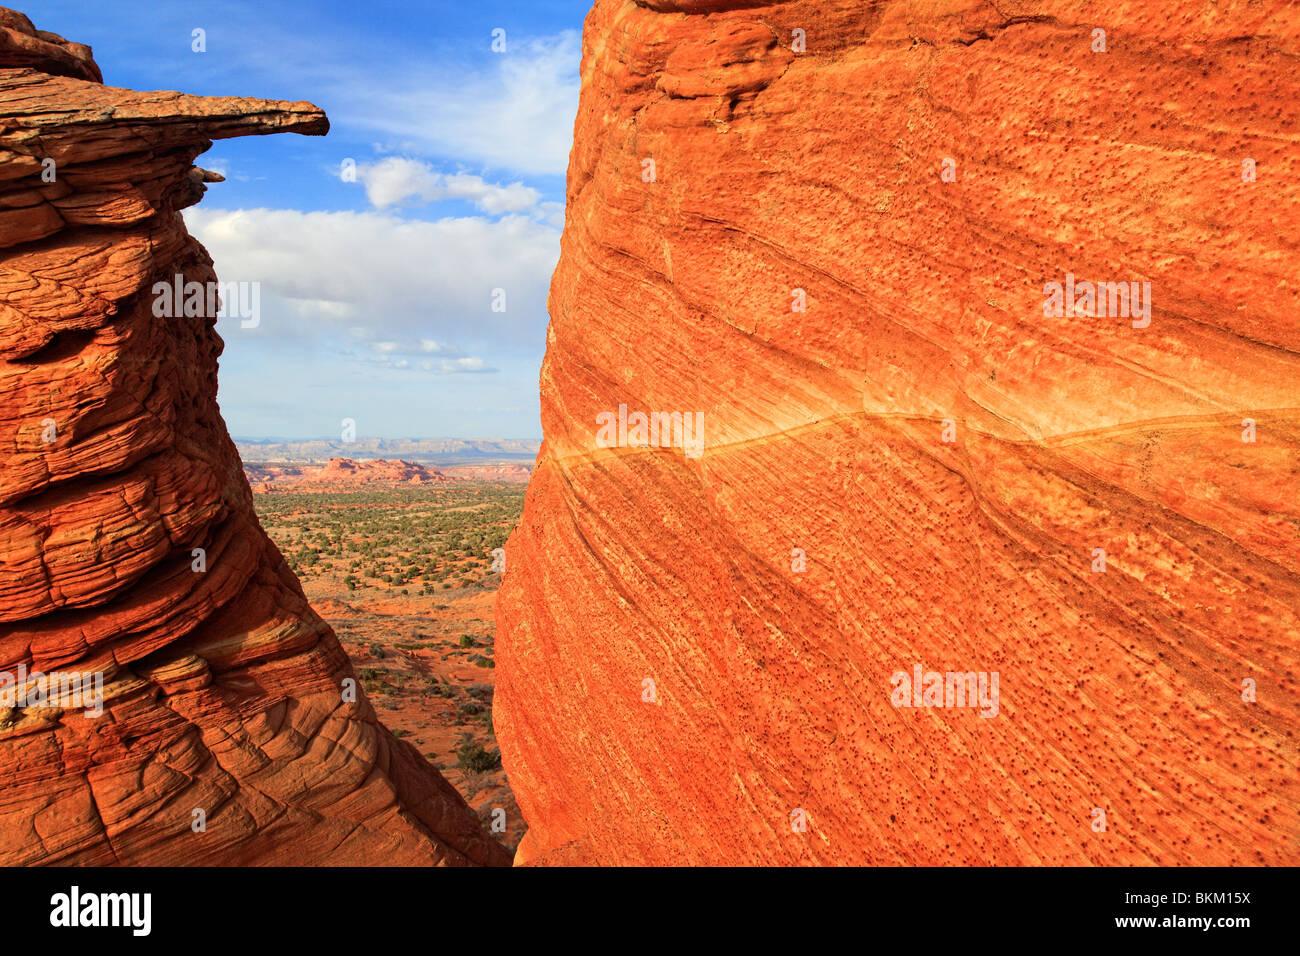 Finestra di roccia in Vermiglio scogliere monumento nazionale Immagini Stock